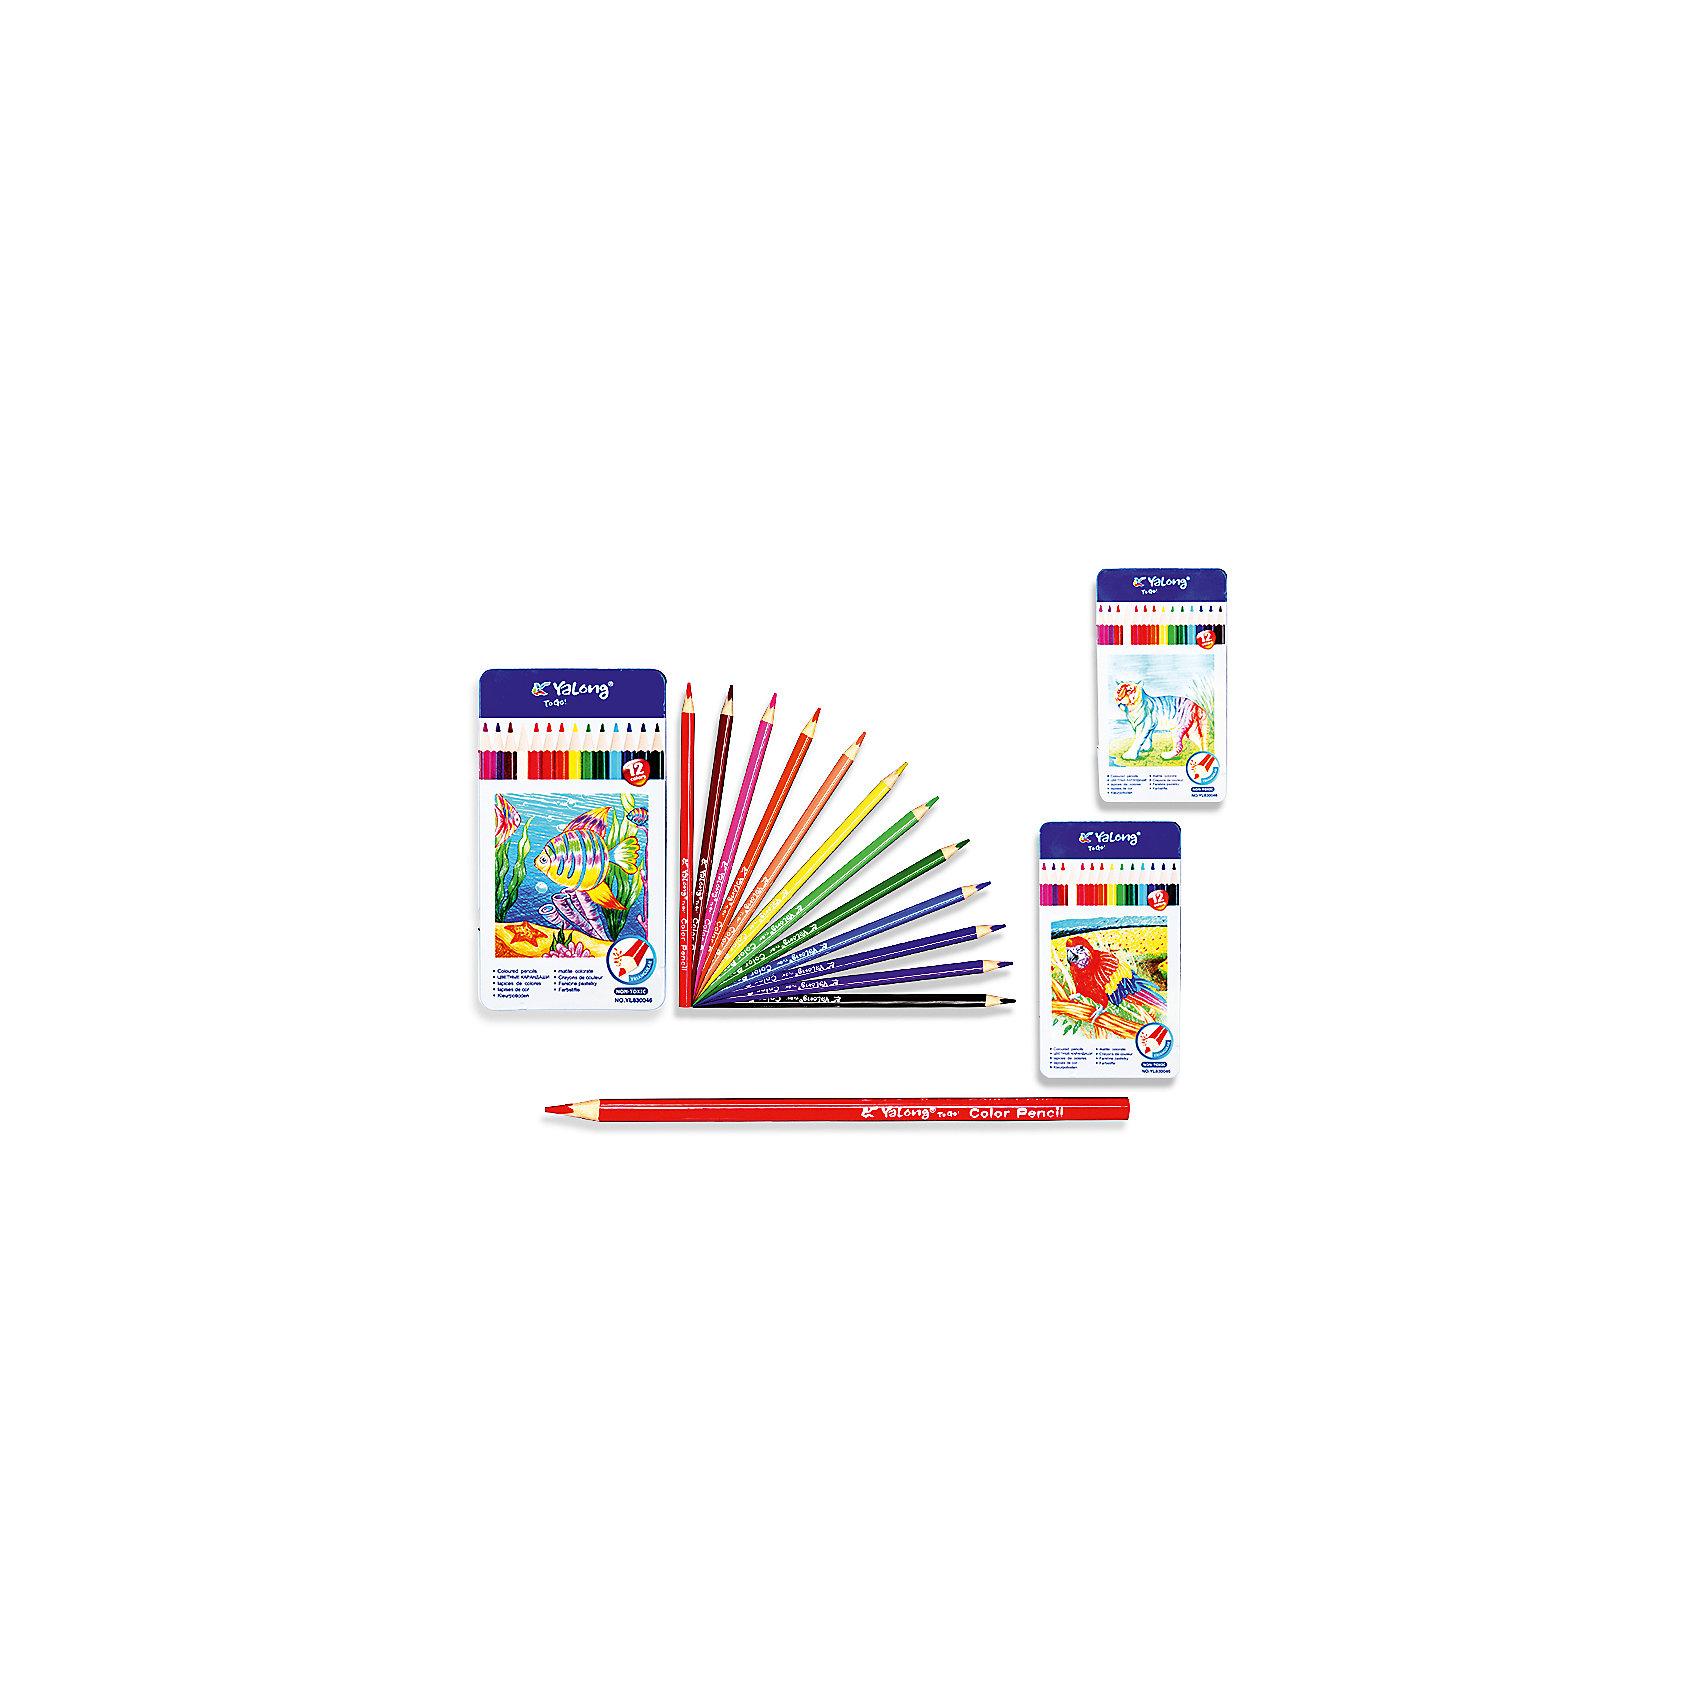 Трехгранные цветные карандаши, 12 цветов в металлическом кейсеПисьменные принадлежности<br>Набор цветных карандашей – классический пункт в списке школьных покупок. Качественные карандаши прослужат ребенку не один год даже при активном использовании. Важно подобрать набор с яркими цветами, мягким, но прочным стержнем и грифелем с легкой растушевкой. Данная модель набора цветных карандашей – отличный выбор для обновки школьного пенала. Карандаши имеют трехгранный корпус, что выглядит довольно необычно. Все материалы, использованные при изготовлении, отвечают международным требованиям по качеству и безопасности.<br><br>Дополнительная информация: <br><br>количество цветов: 12 шт;<br>упаковка: металлическая, картонный дисплей.<br><br>Набор цветных карандашей можно приобрести в нашем магазине.<br><br>Ширина мм: 100<br>Глубина мм: 100<br>Высота мм: 10<br>Вес г: 50<br>Возраст от месяцев: 36<br>Возраст до месяцев: 120<br>Пол: Унисекс<br>Возраст: Детский<br>SKU: 4993555